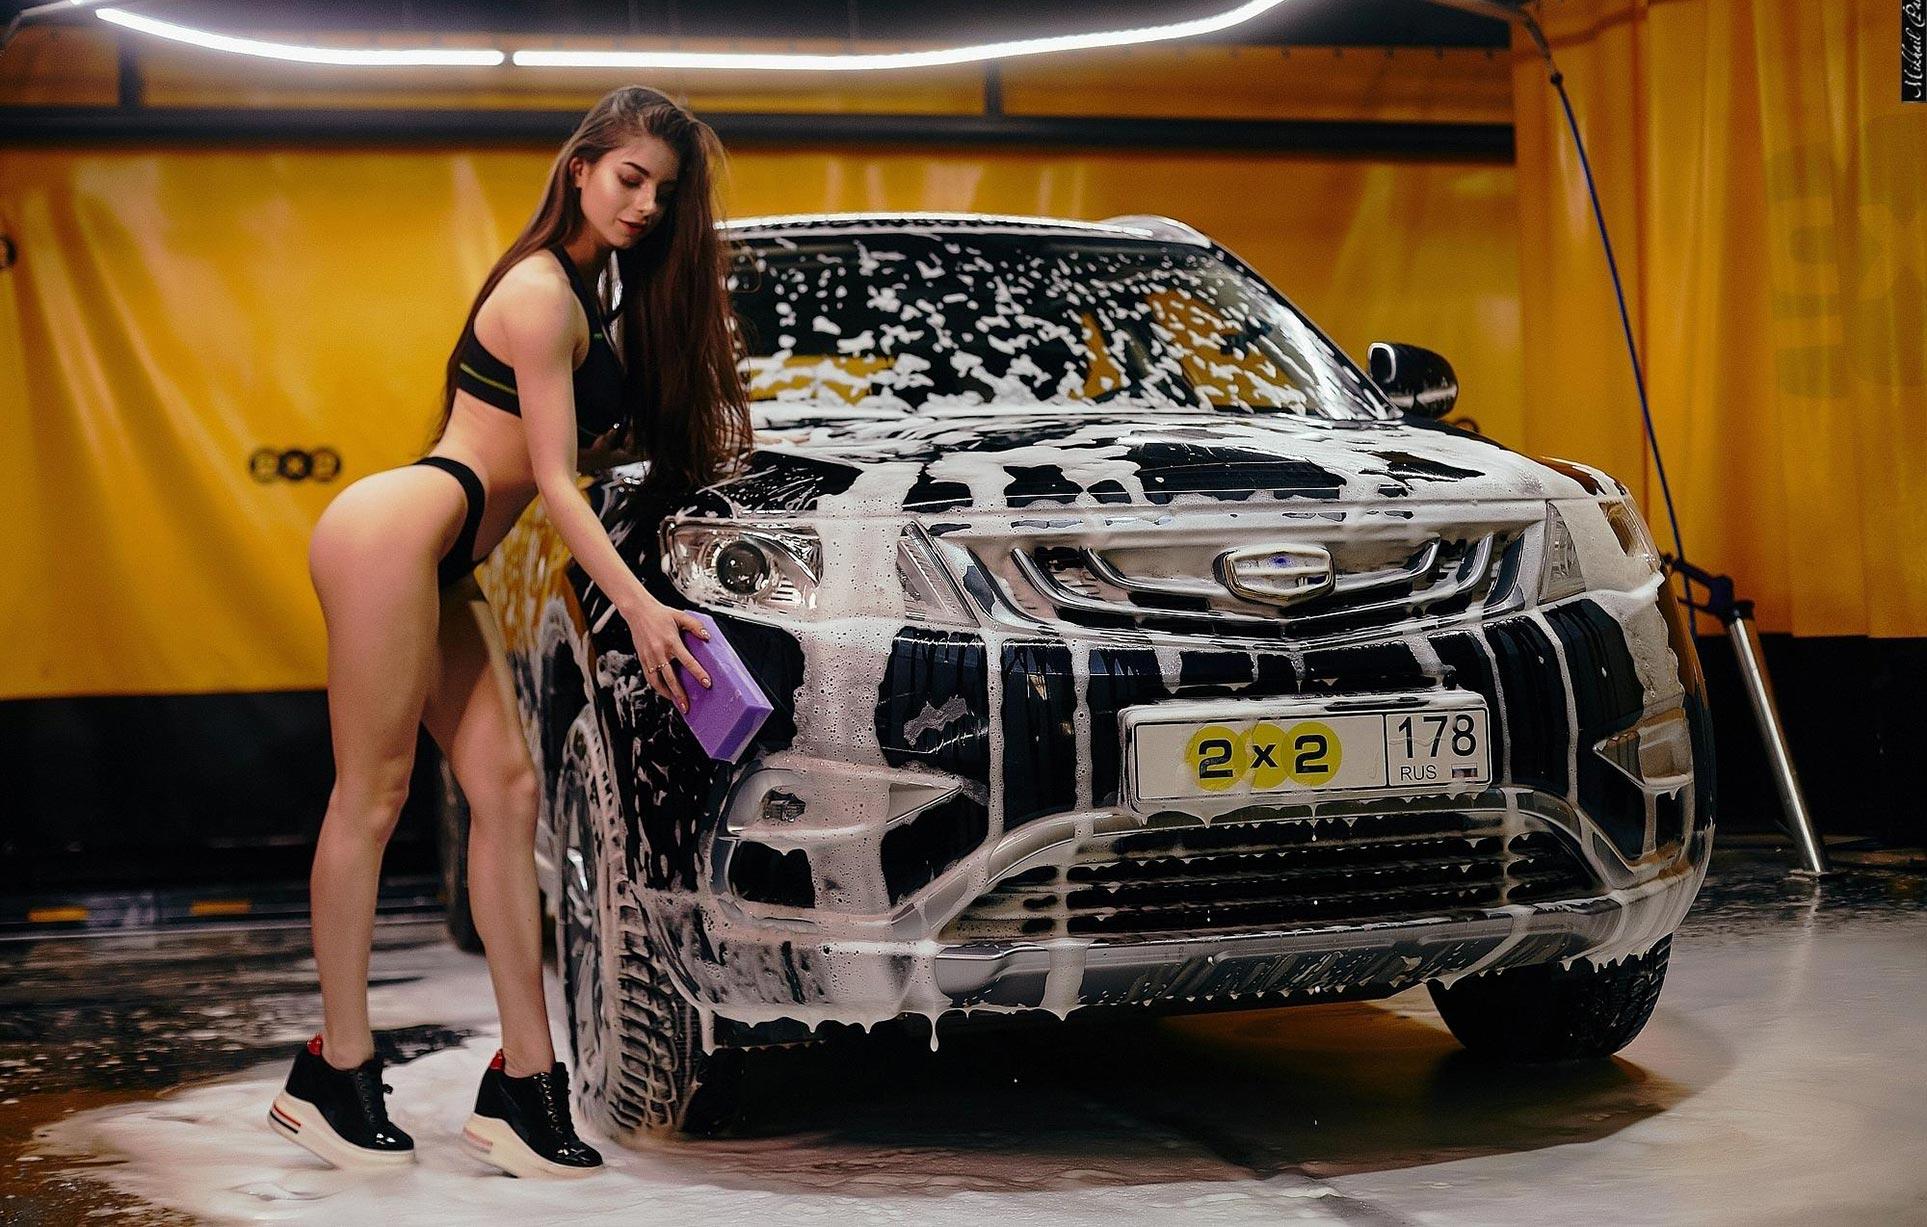 Анна Сазонова в купальнике моет машину / фото 01